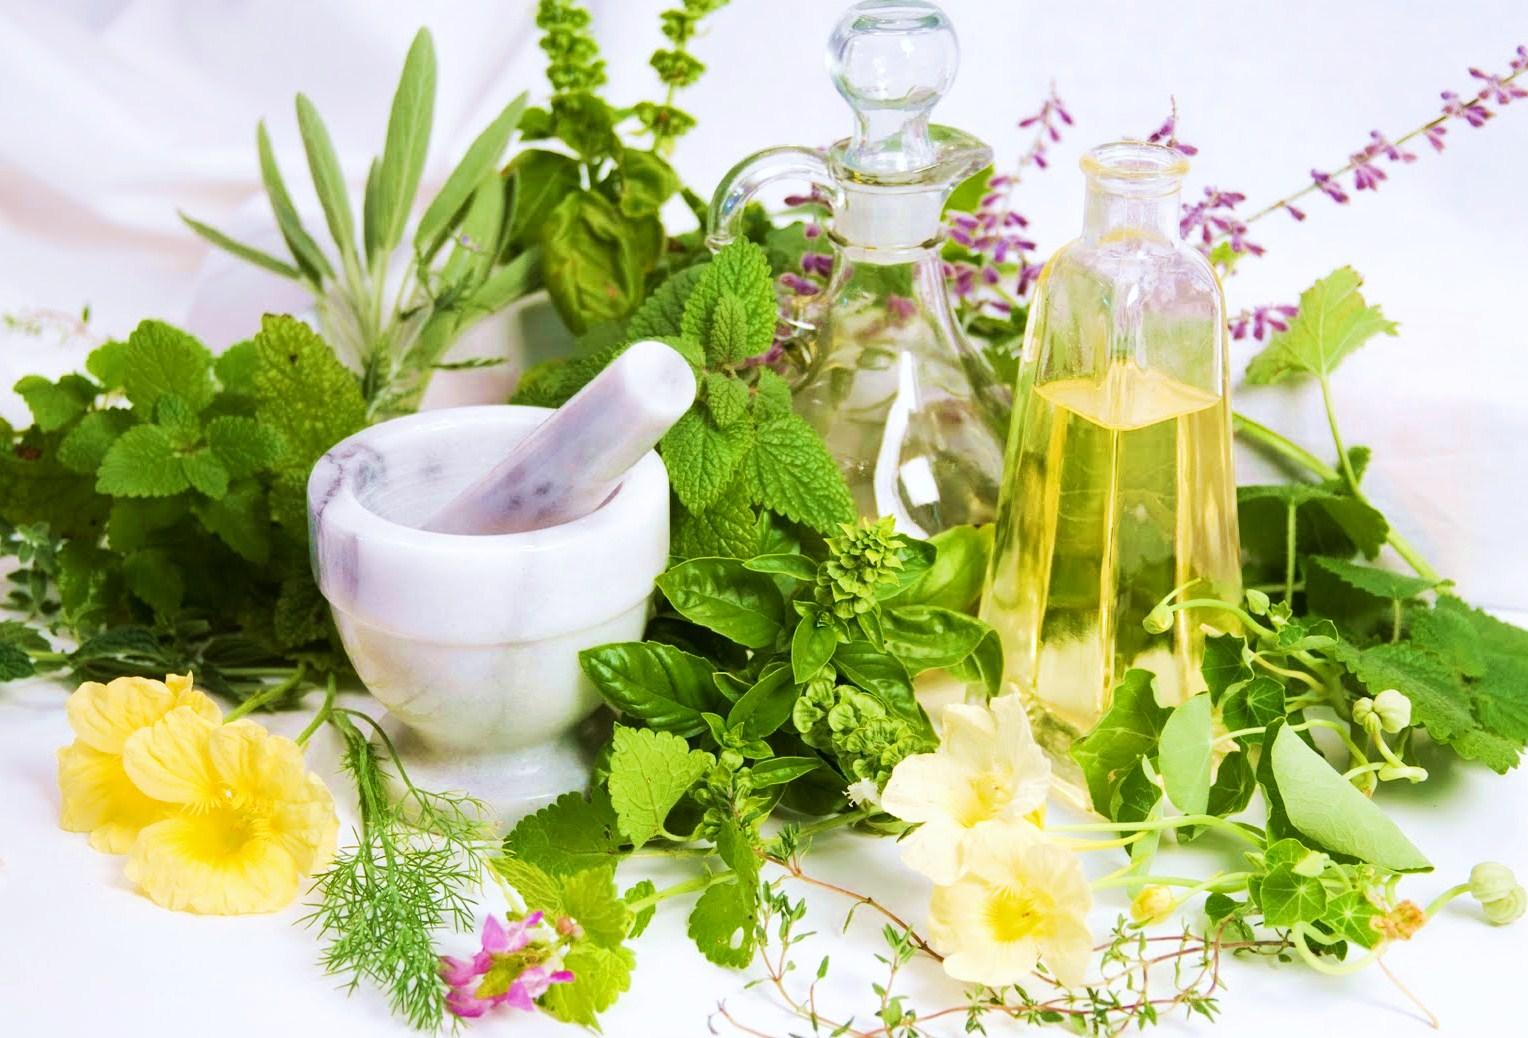 Ποια προϊόντα της φύσης αυξάνουν τη λίμπιντο;